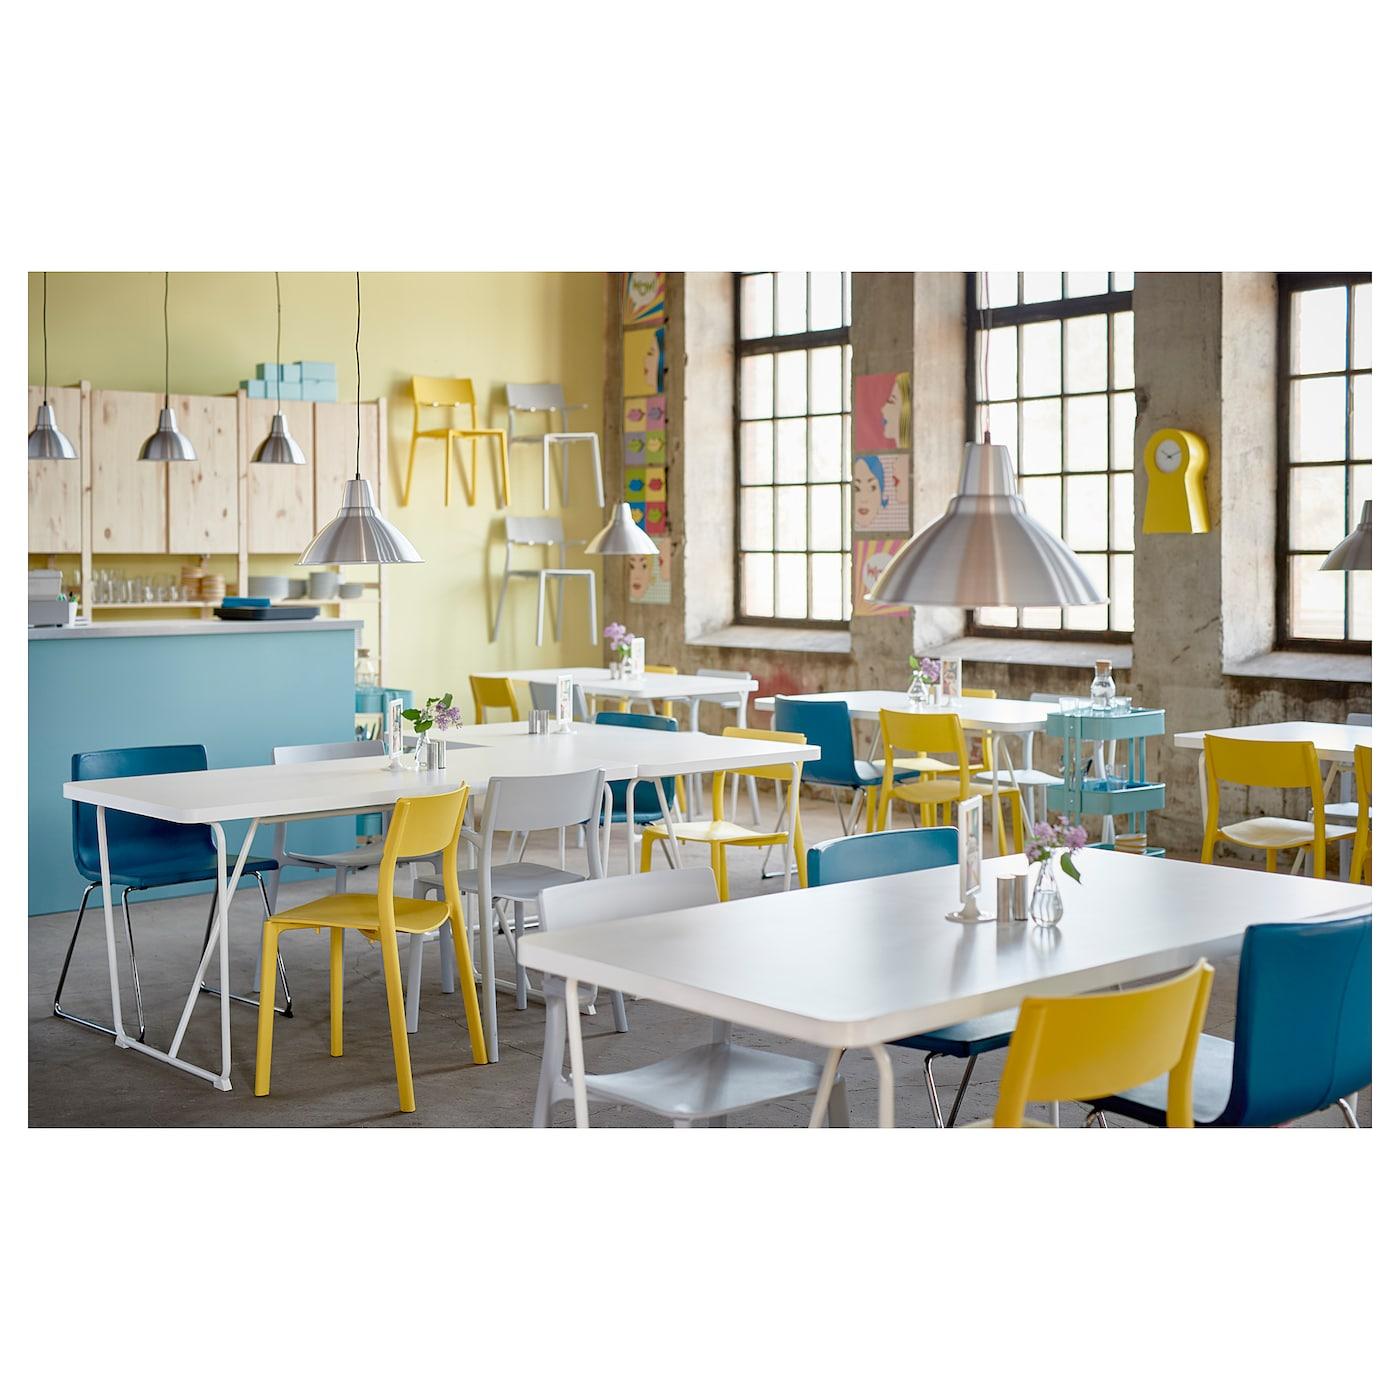 JANINGE Chair - yellow